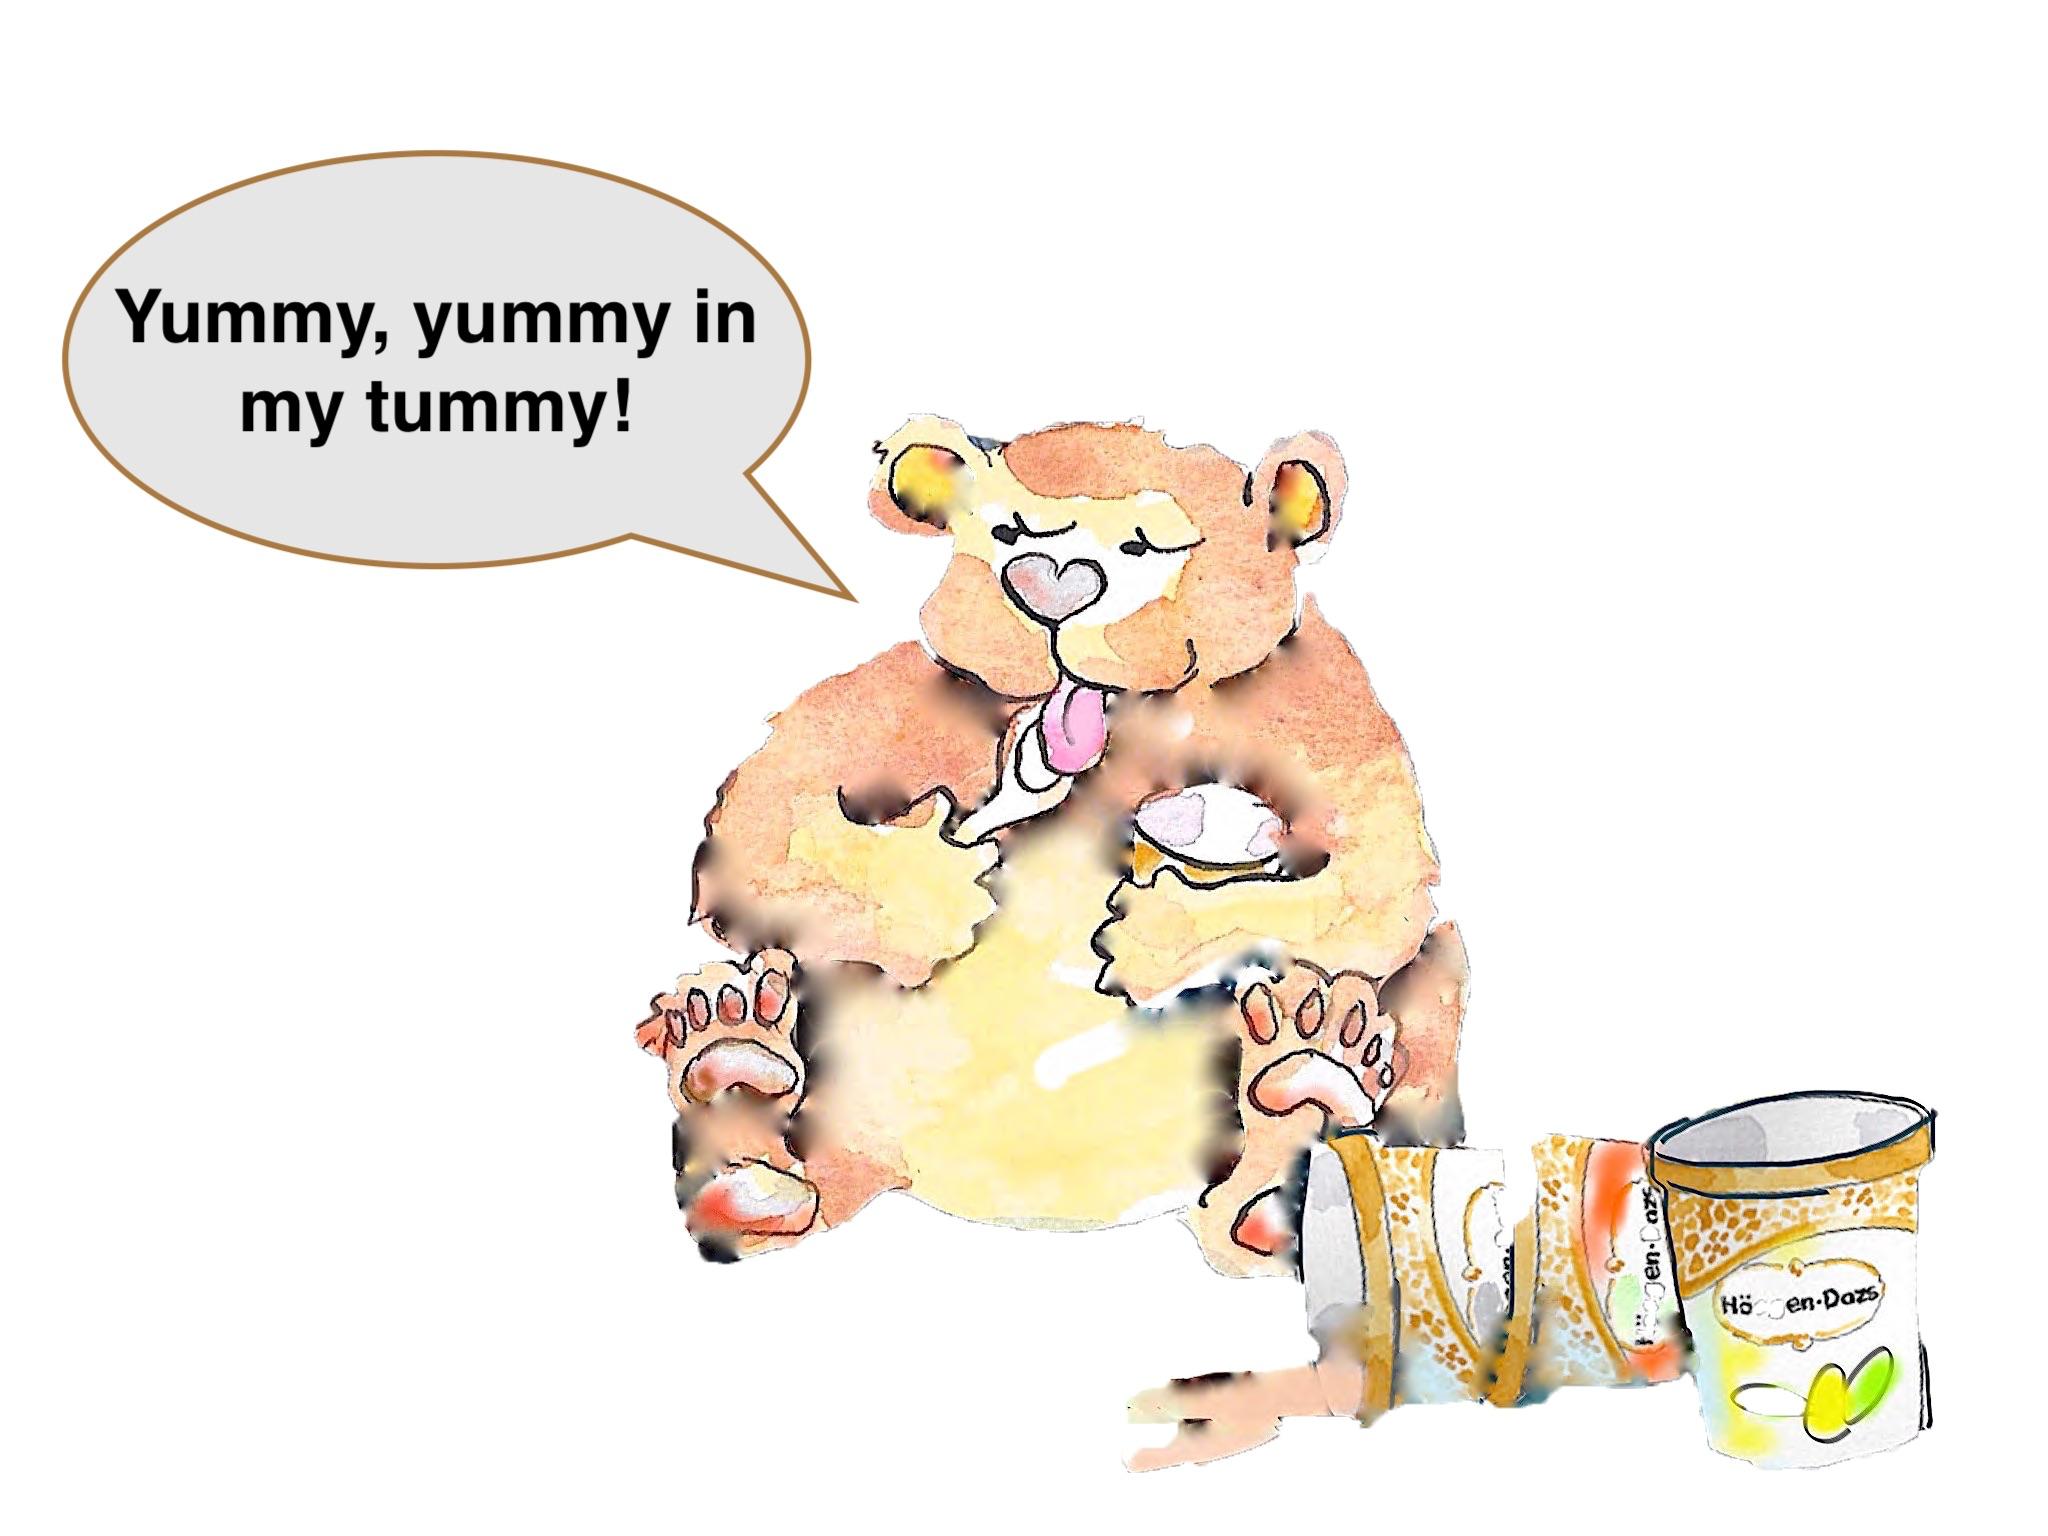 tummyの使い方は- yummy, yummy in my tummy